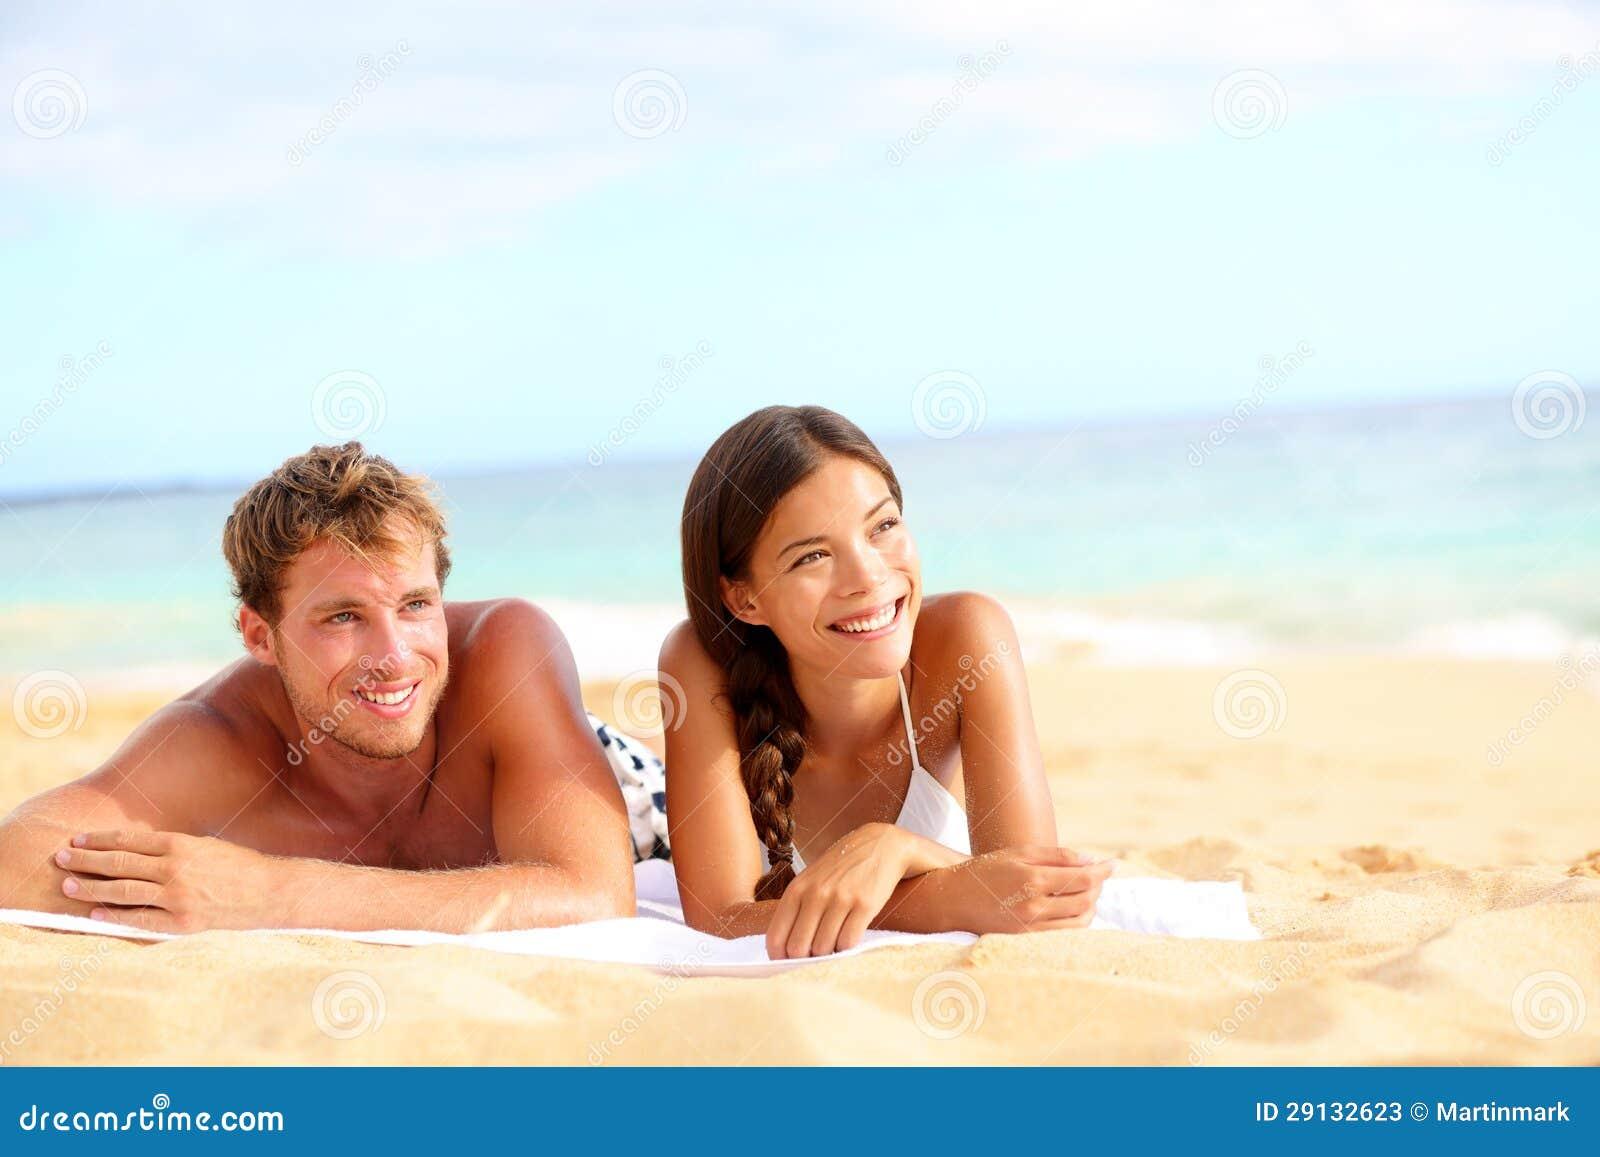 Пары на пляже фото 360-179